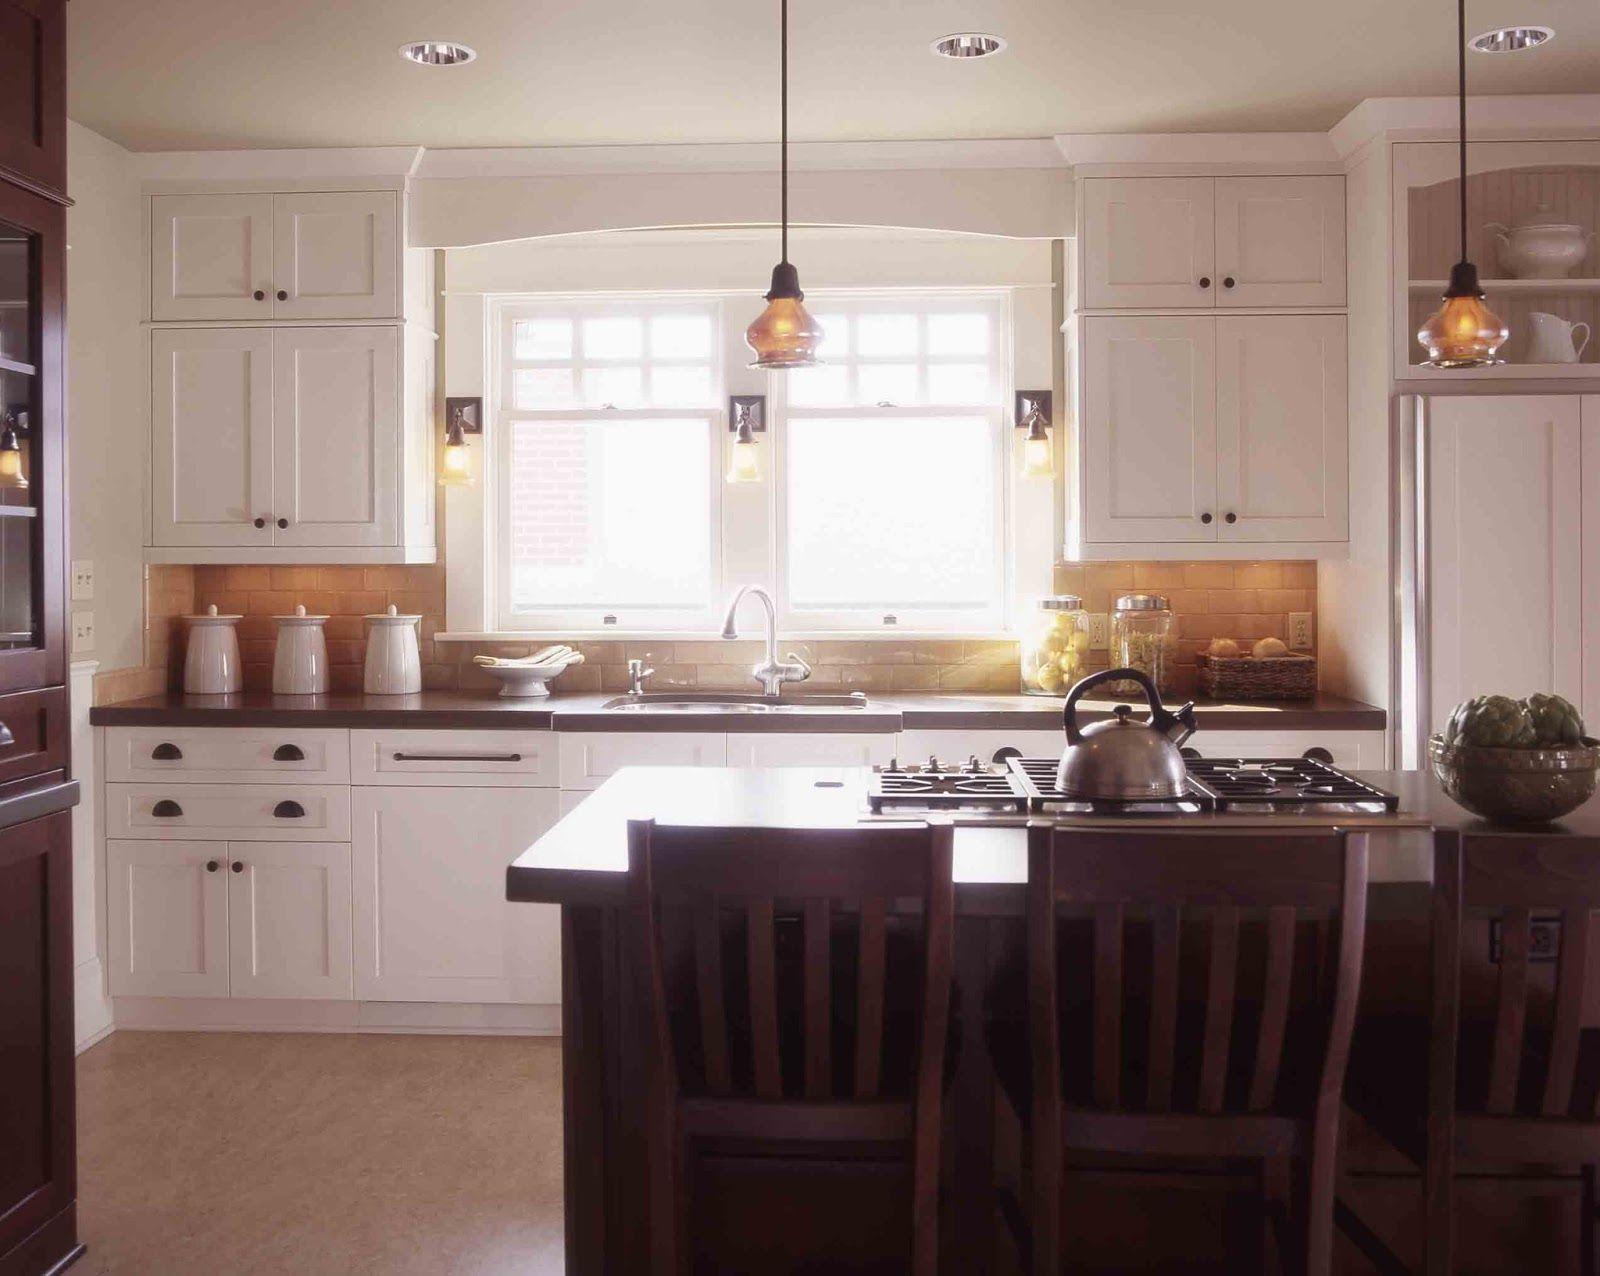 Best Design Style Week 10 Craftsman Style Kitchens Craftsman 640 x 480